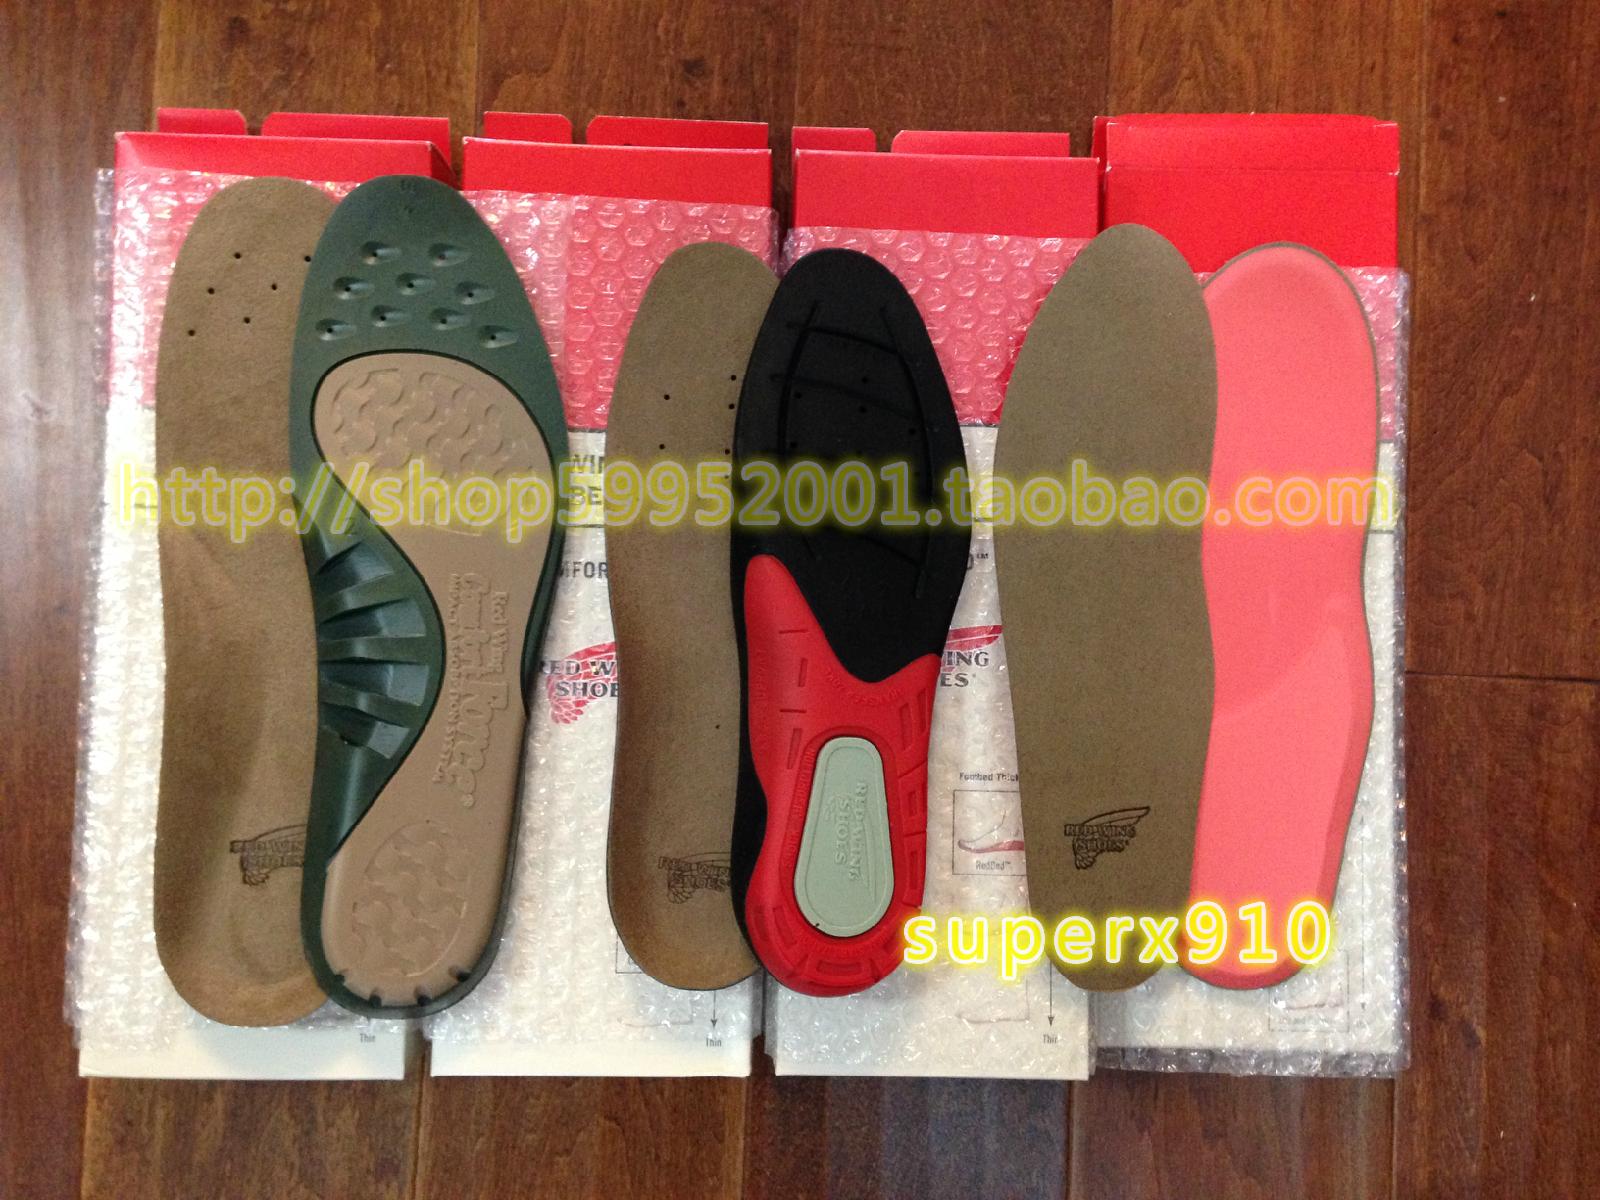 Сейчас в надичии Redwing япония покупка товаров красный крыло конец ботинки функция скольжение стелька толстые степень расходов стиль размер